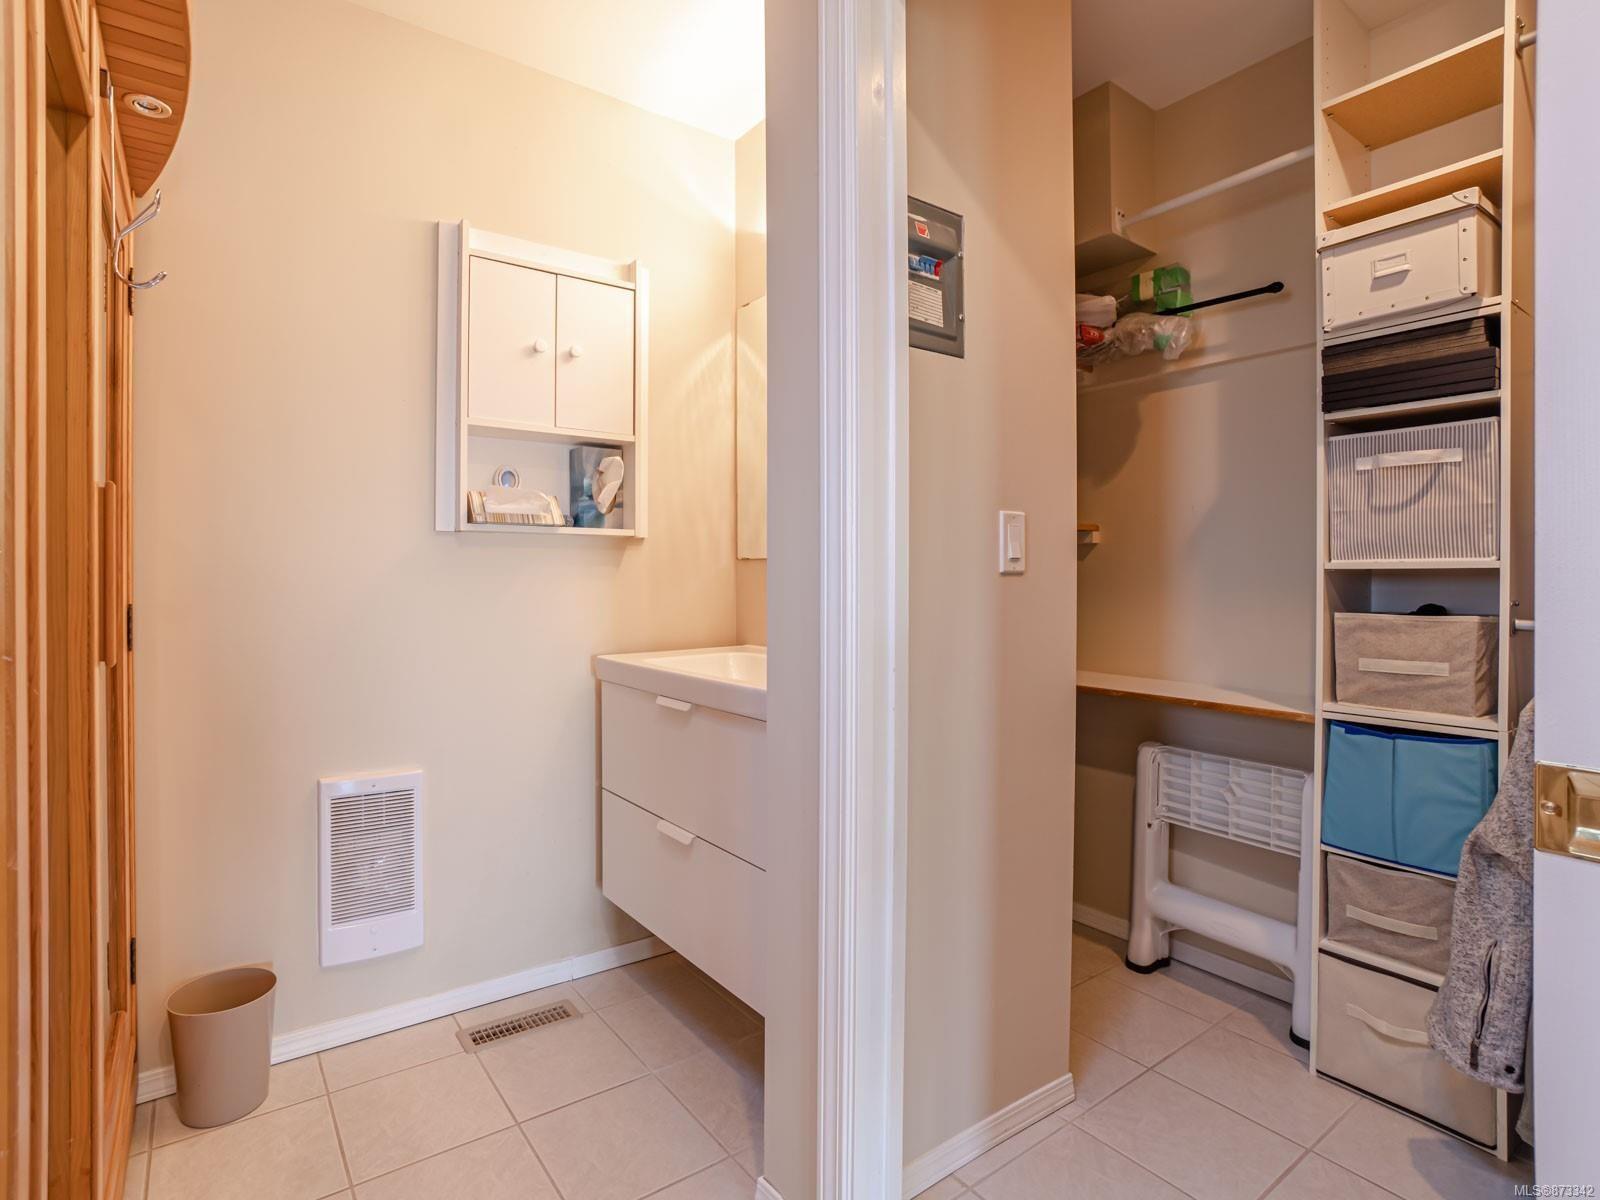 Photo 46: Photos: 5294 Catalina Dr in : Na North Nanaimo House for sale (Nanaimo)  : MLS®# 873342